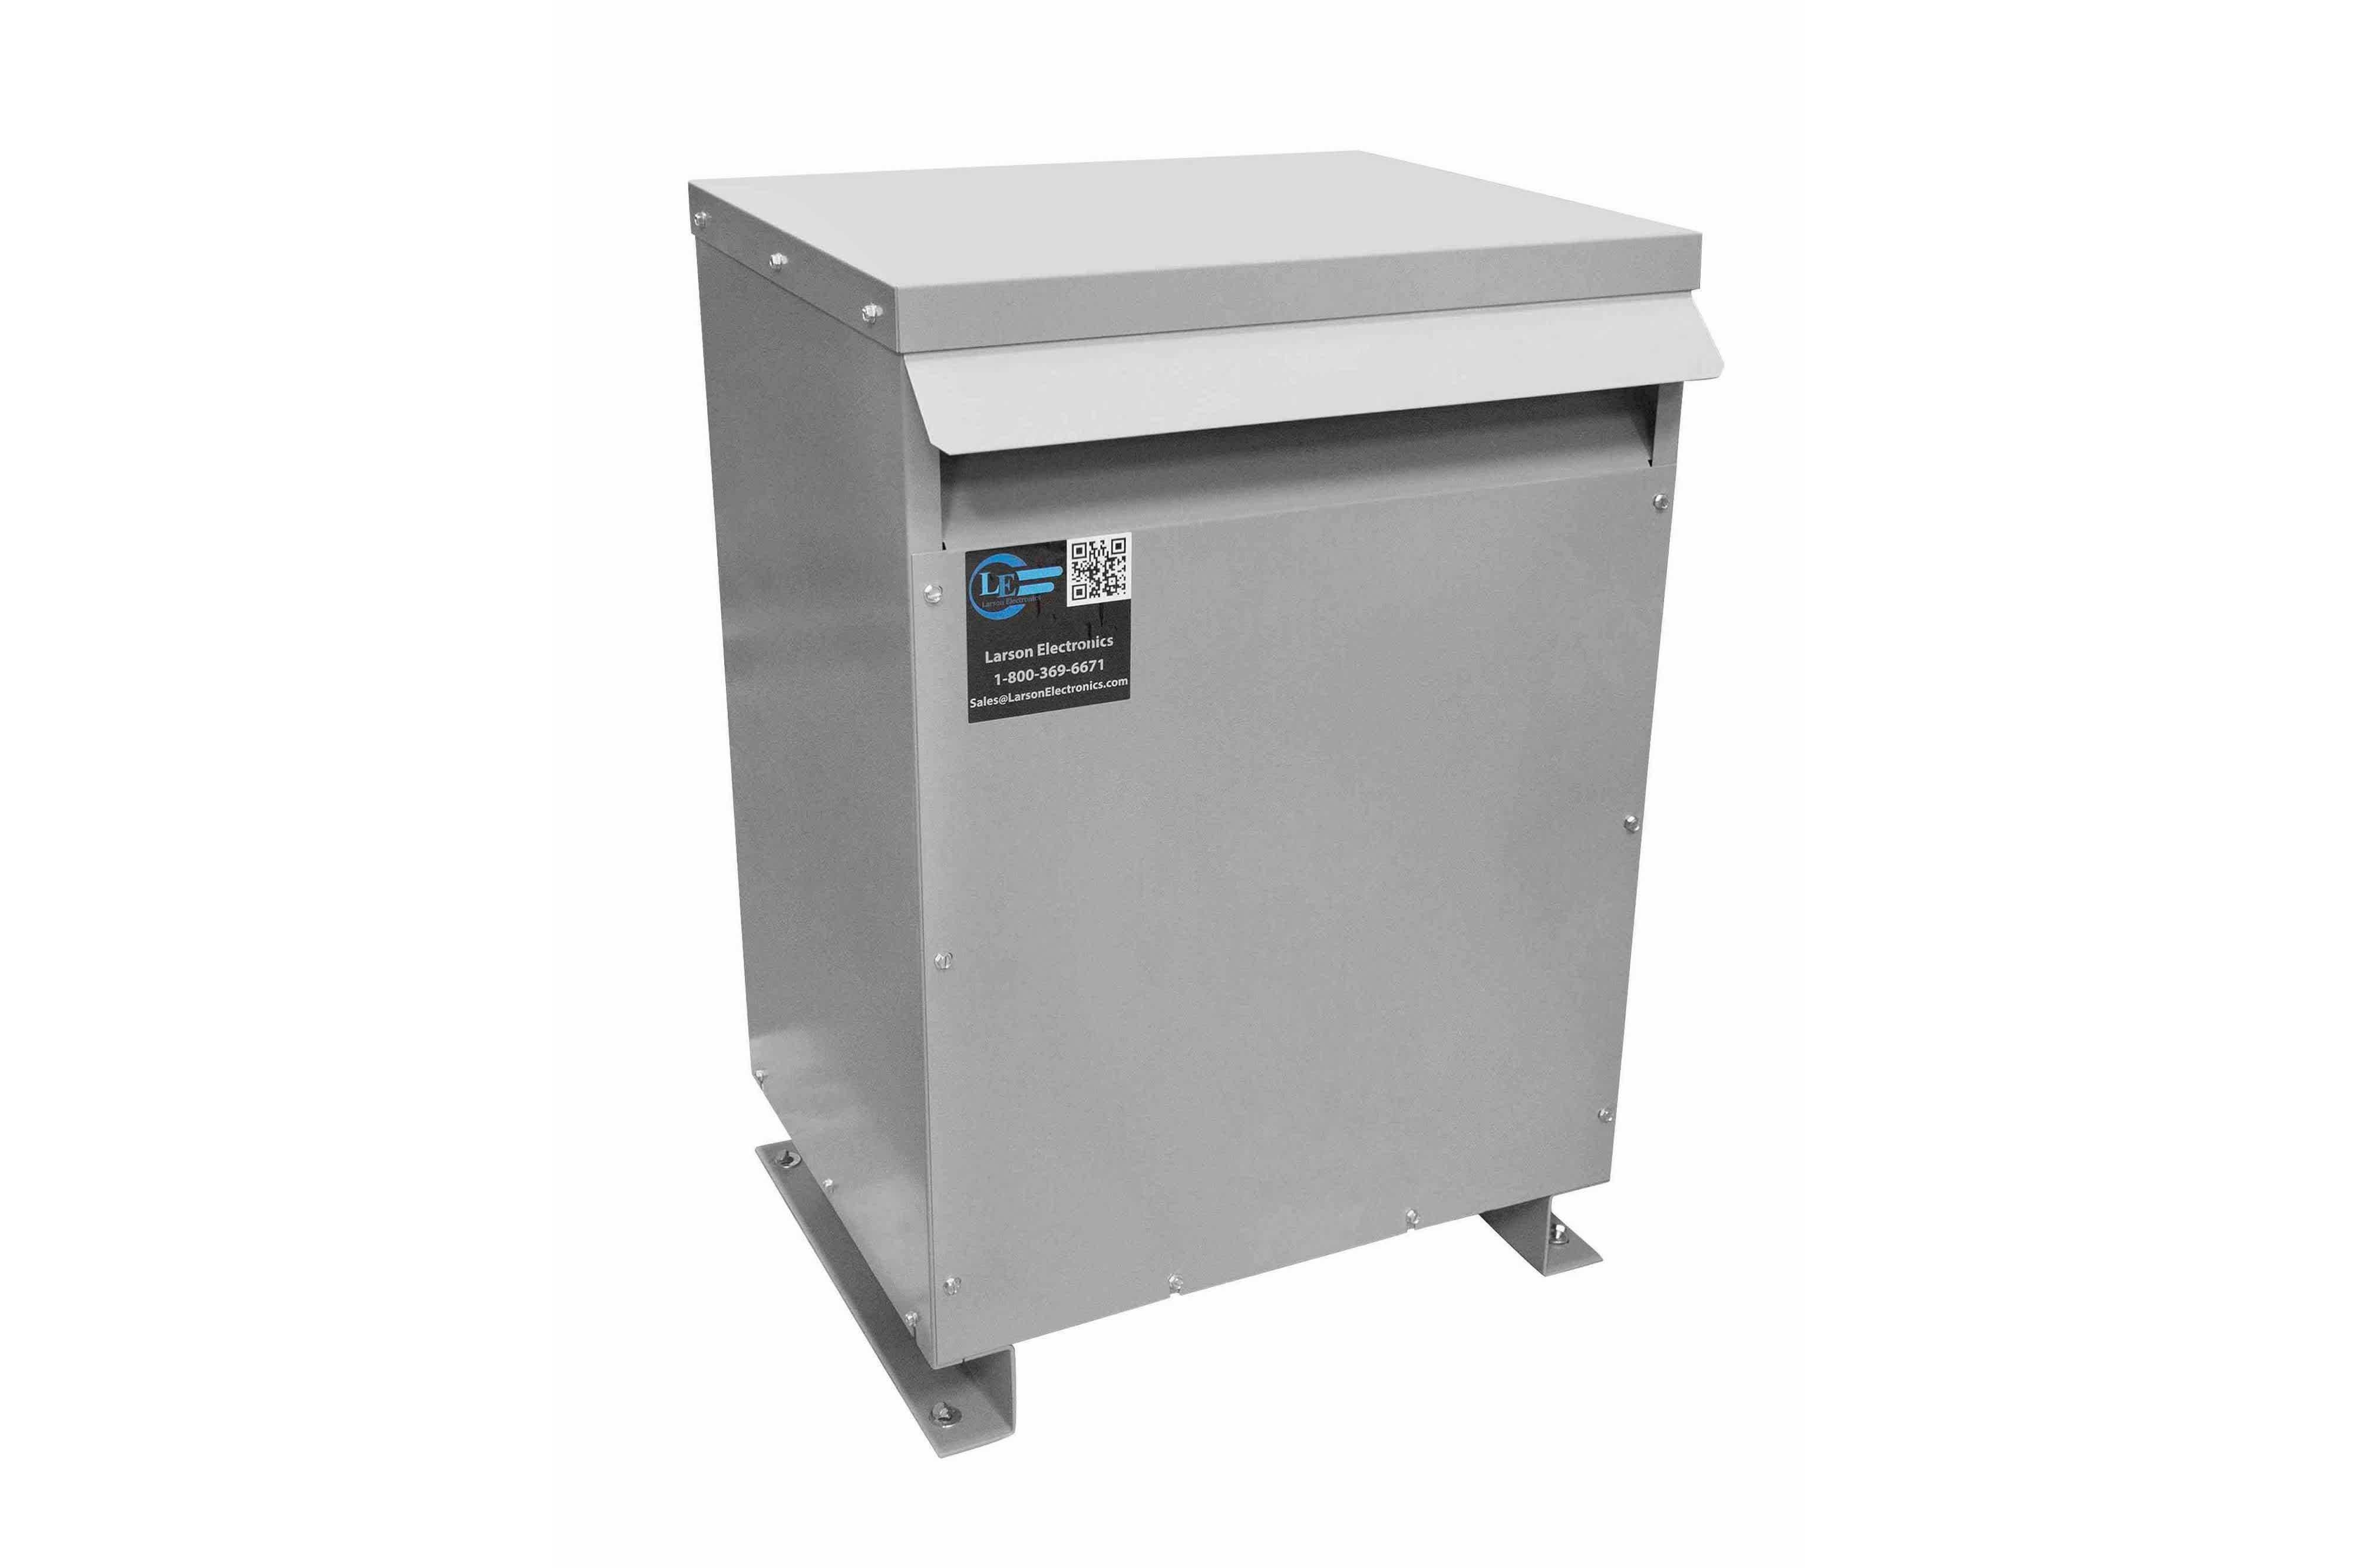 52.5 kVA 3PH Isolation Transformer, 230V Delta Primary, 208V Delta Secondary, N3R, Ventilated, 60 Hz